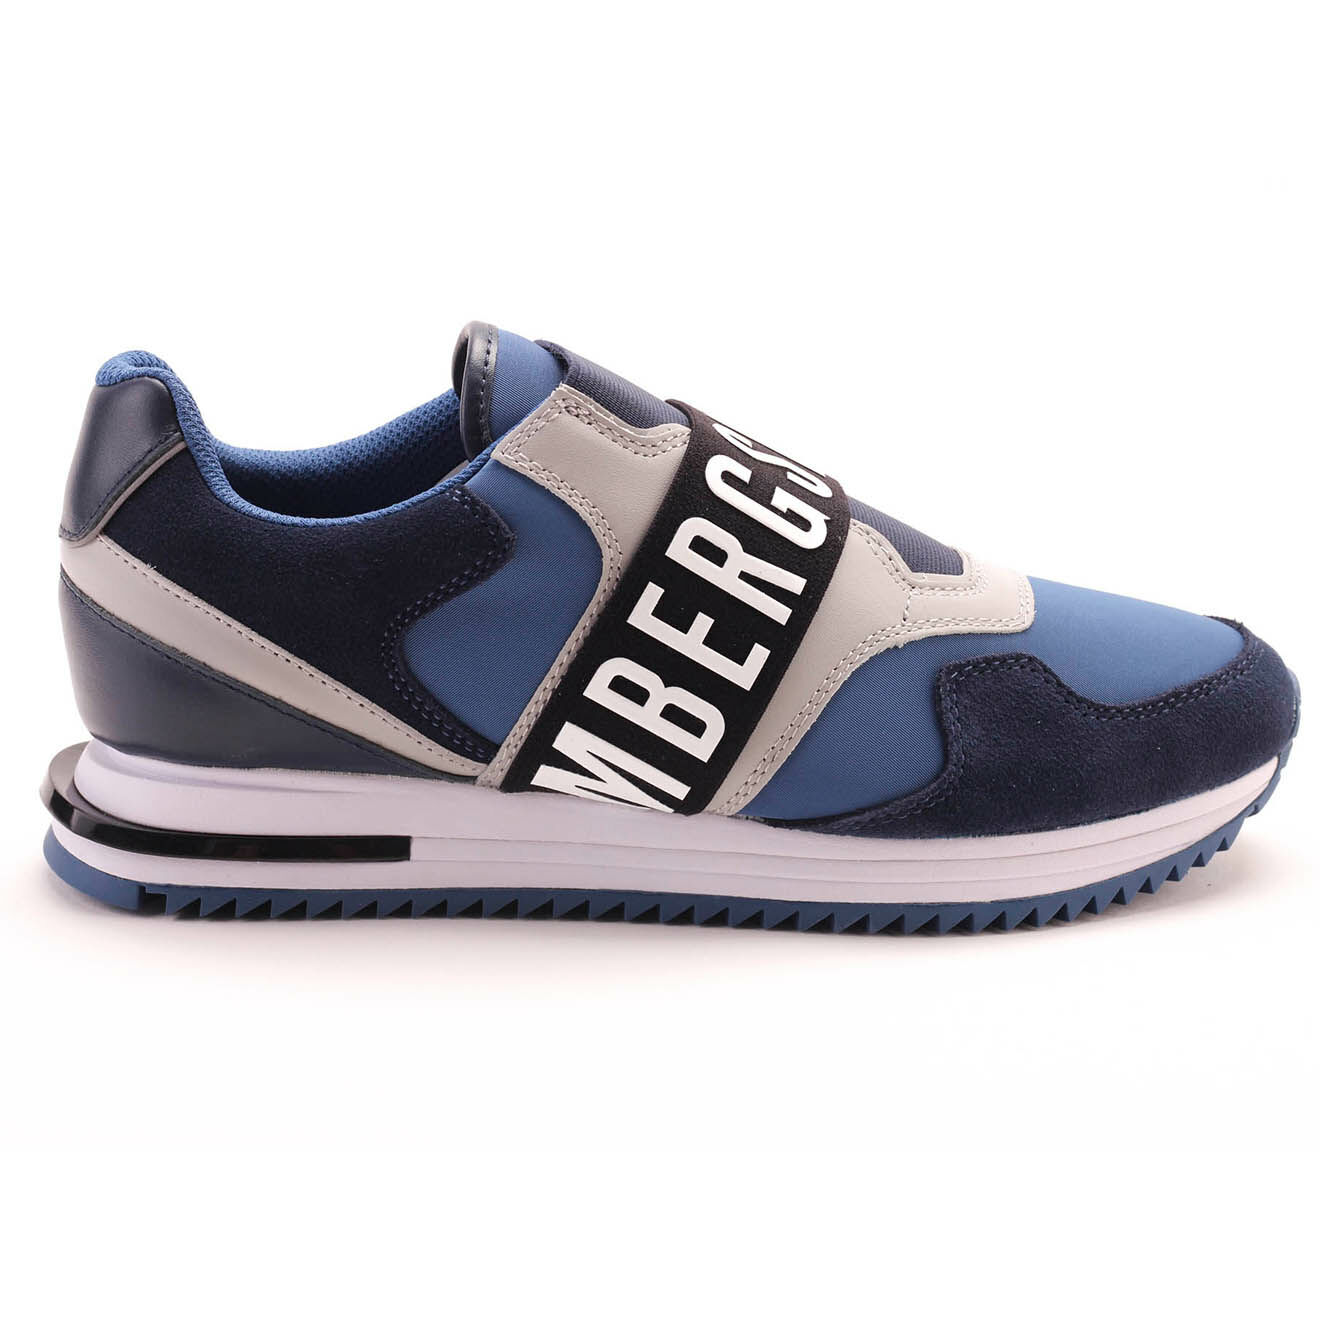 Sneakers Haled en Cuir bleu marine - Bikkembergs - Modalova